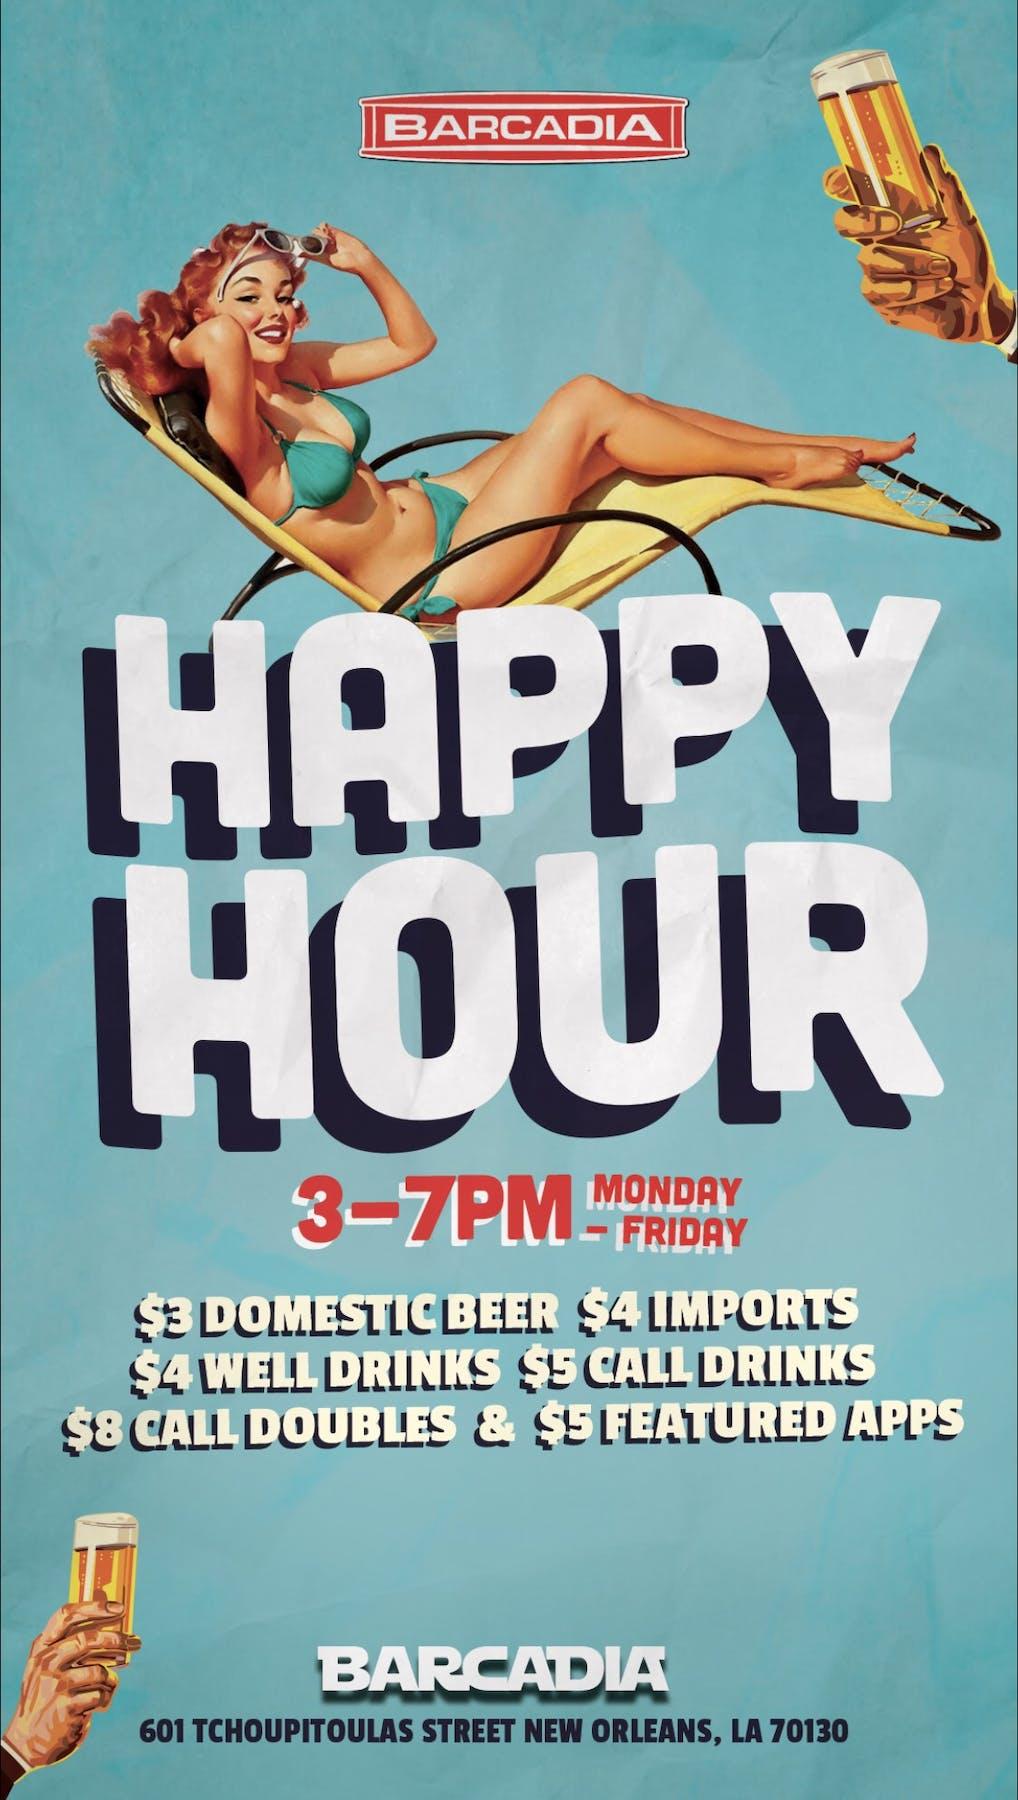 Happy Hour Barcadia